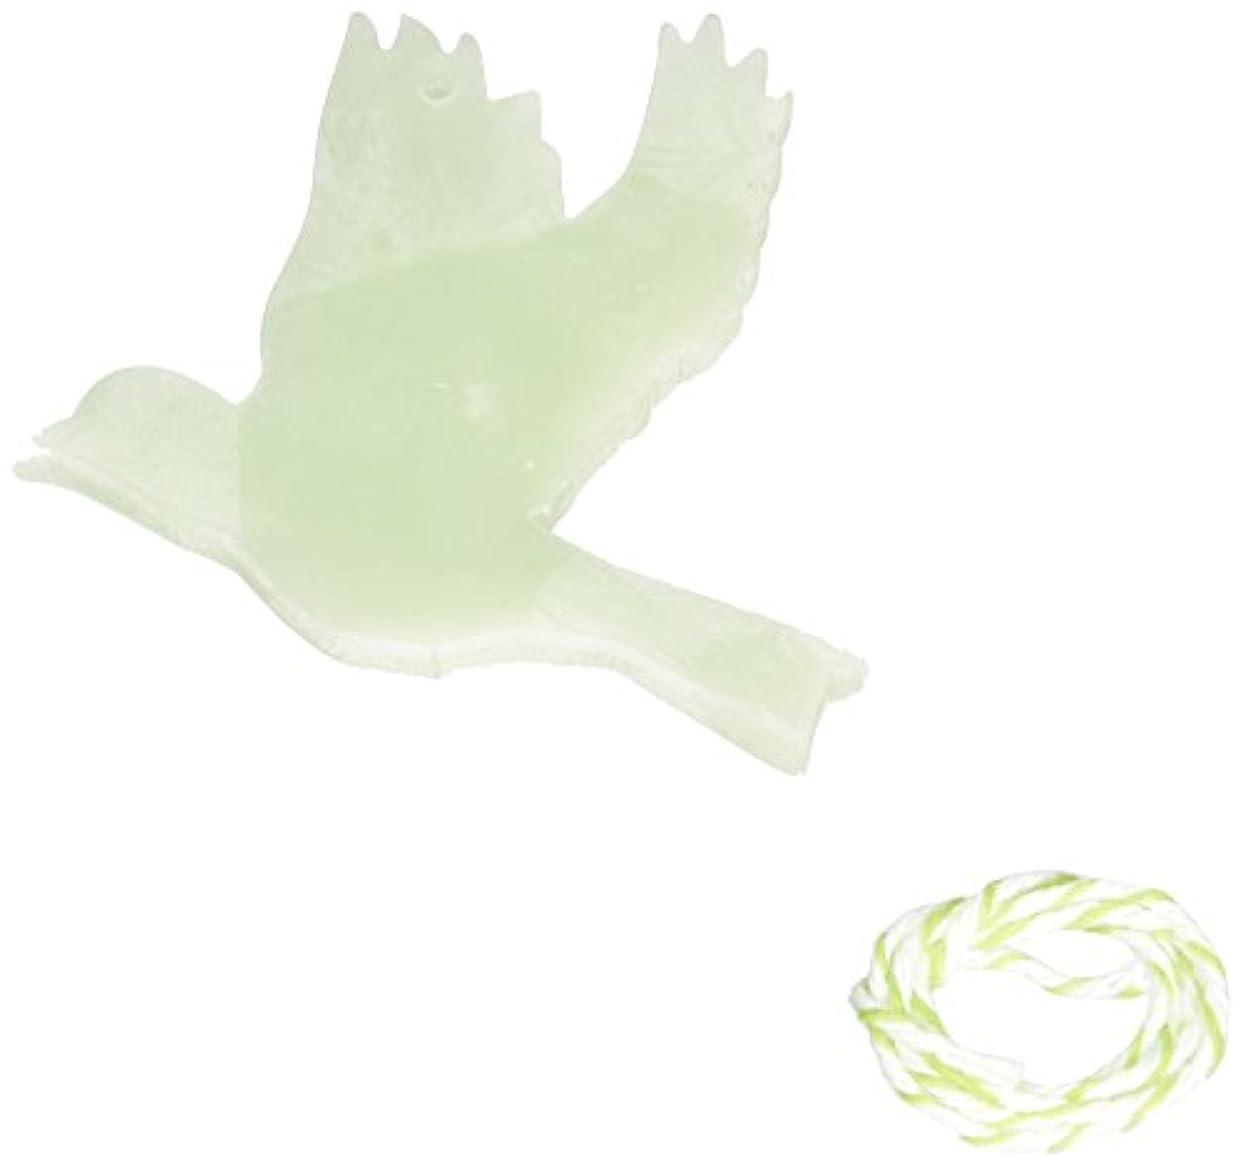 大量相対サイズ機動GRASSE TOKYO AROMATICWAXチャーム「ハト」(GR) レモングラス アロマティックワックス グラーストウキョウ